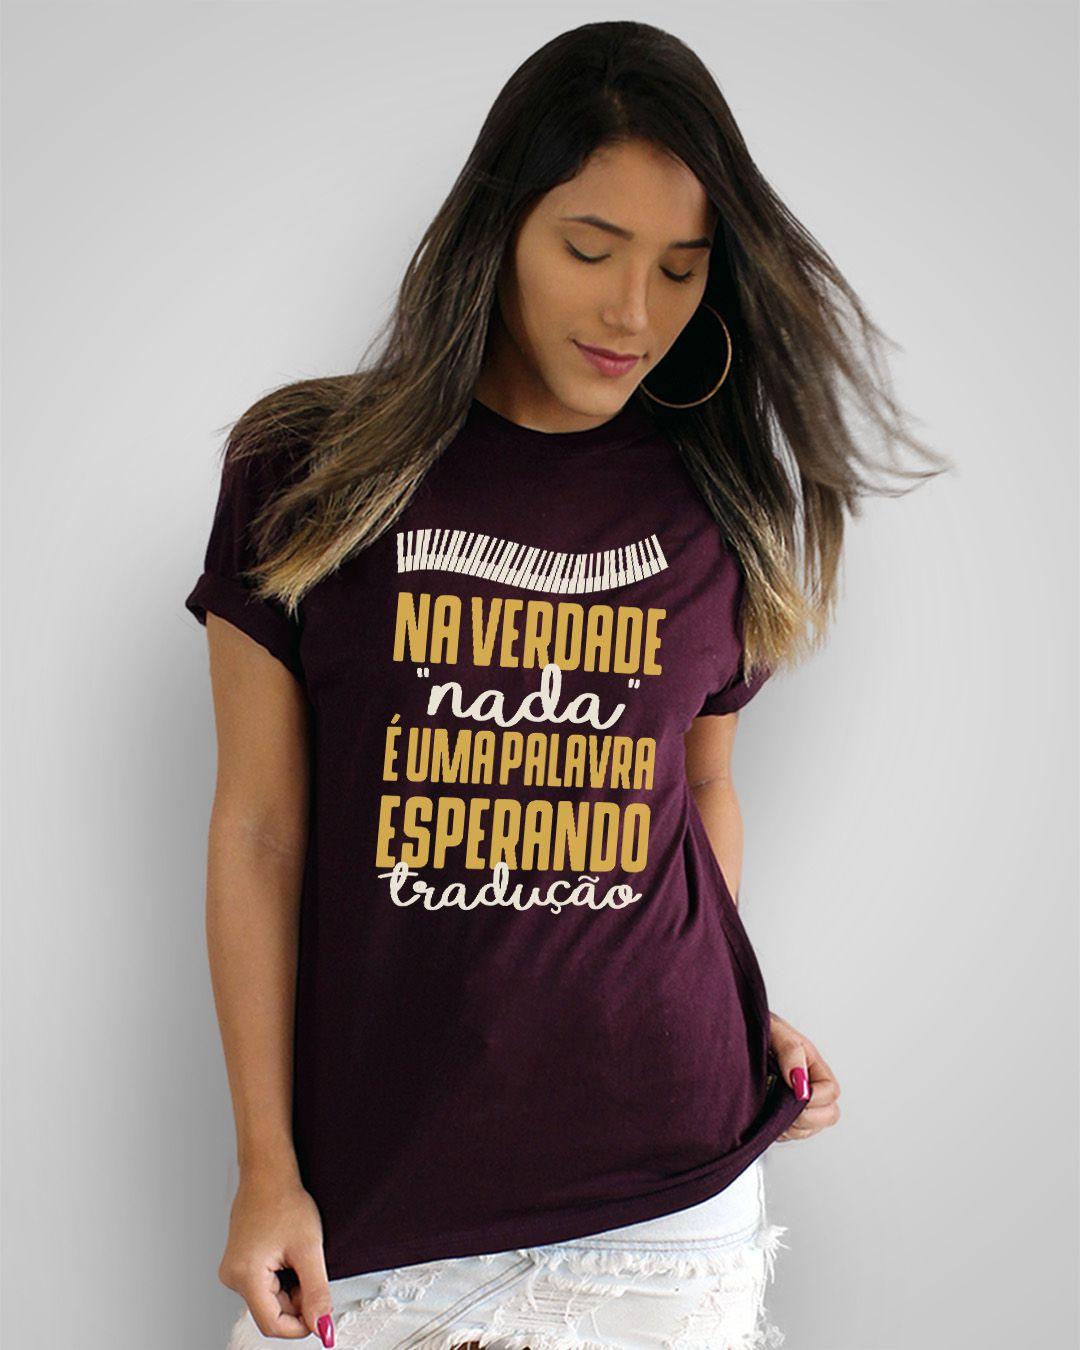 """Camiseta Na verdade """"nada"""" é uma palavra esperando tradução - Engenheiros do Hawaii"""